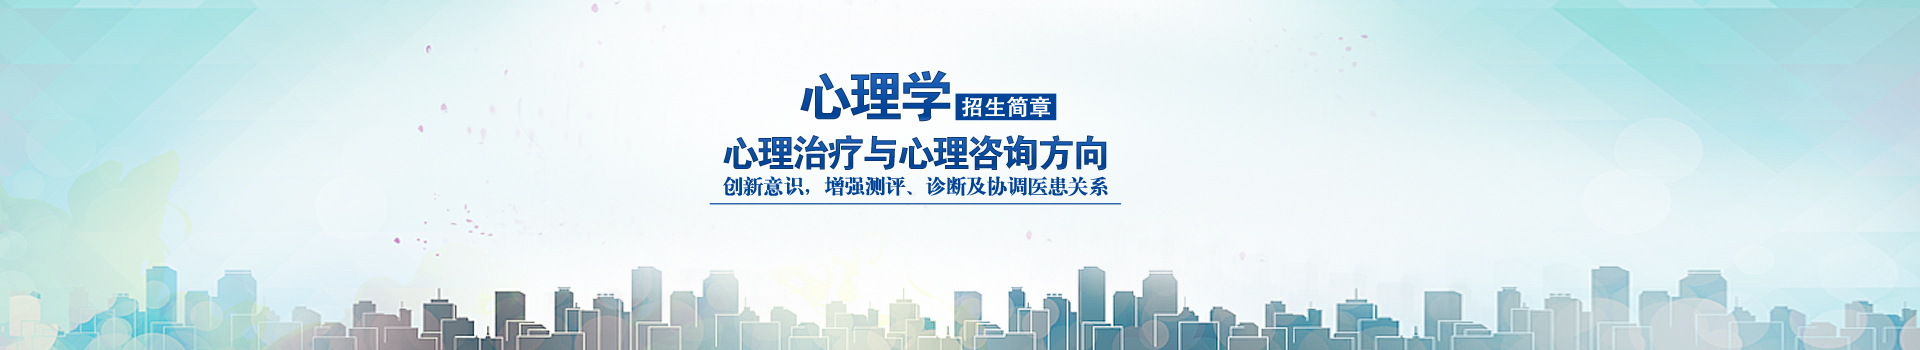 中国科学院心理研究所(心理治疗与心理咨询方向)高级研修班招生简章